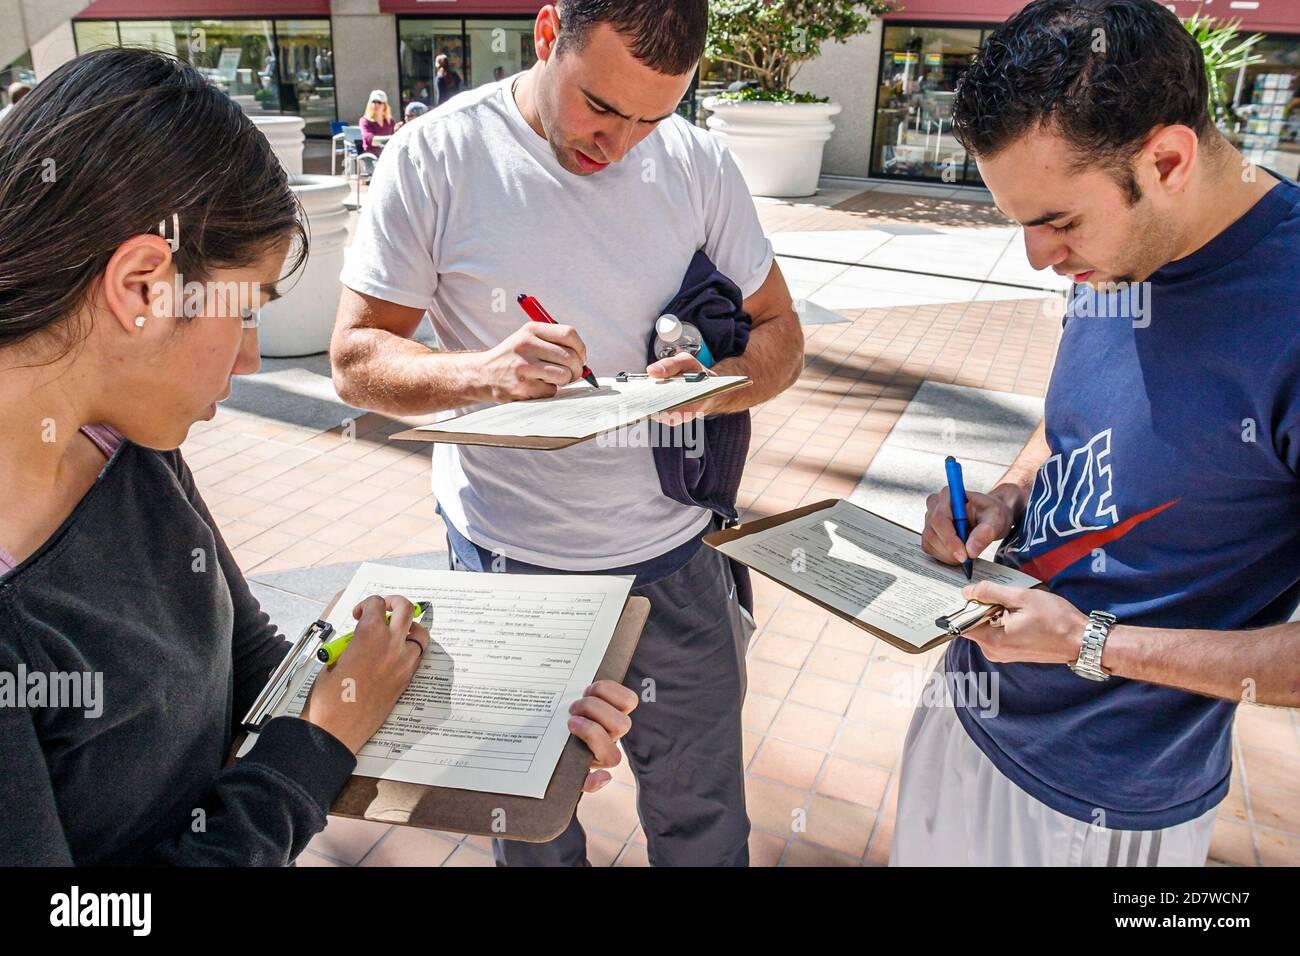 Florida Miami Mayor's Health and Fitness Challenge, remplir les remplissages remplir les réponses répondre à l'enquête, hispanique homme femme homme, Banque D'Images